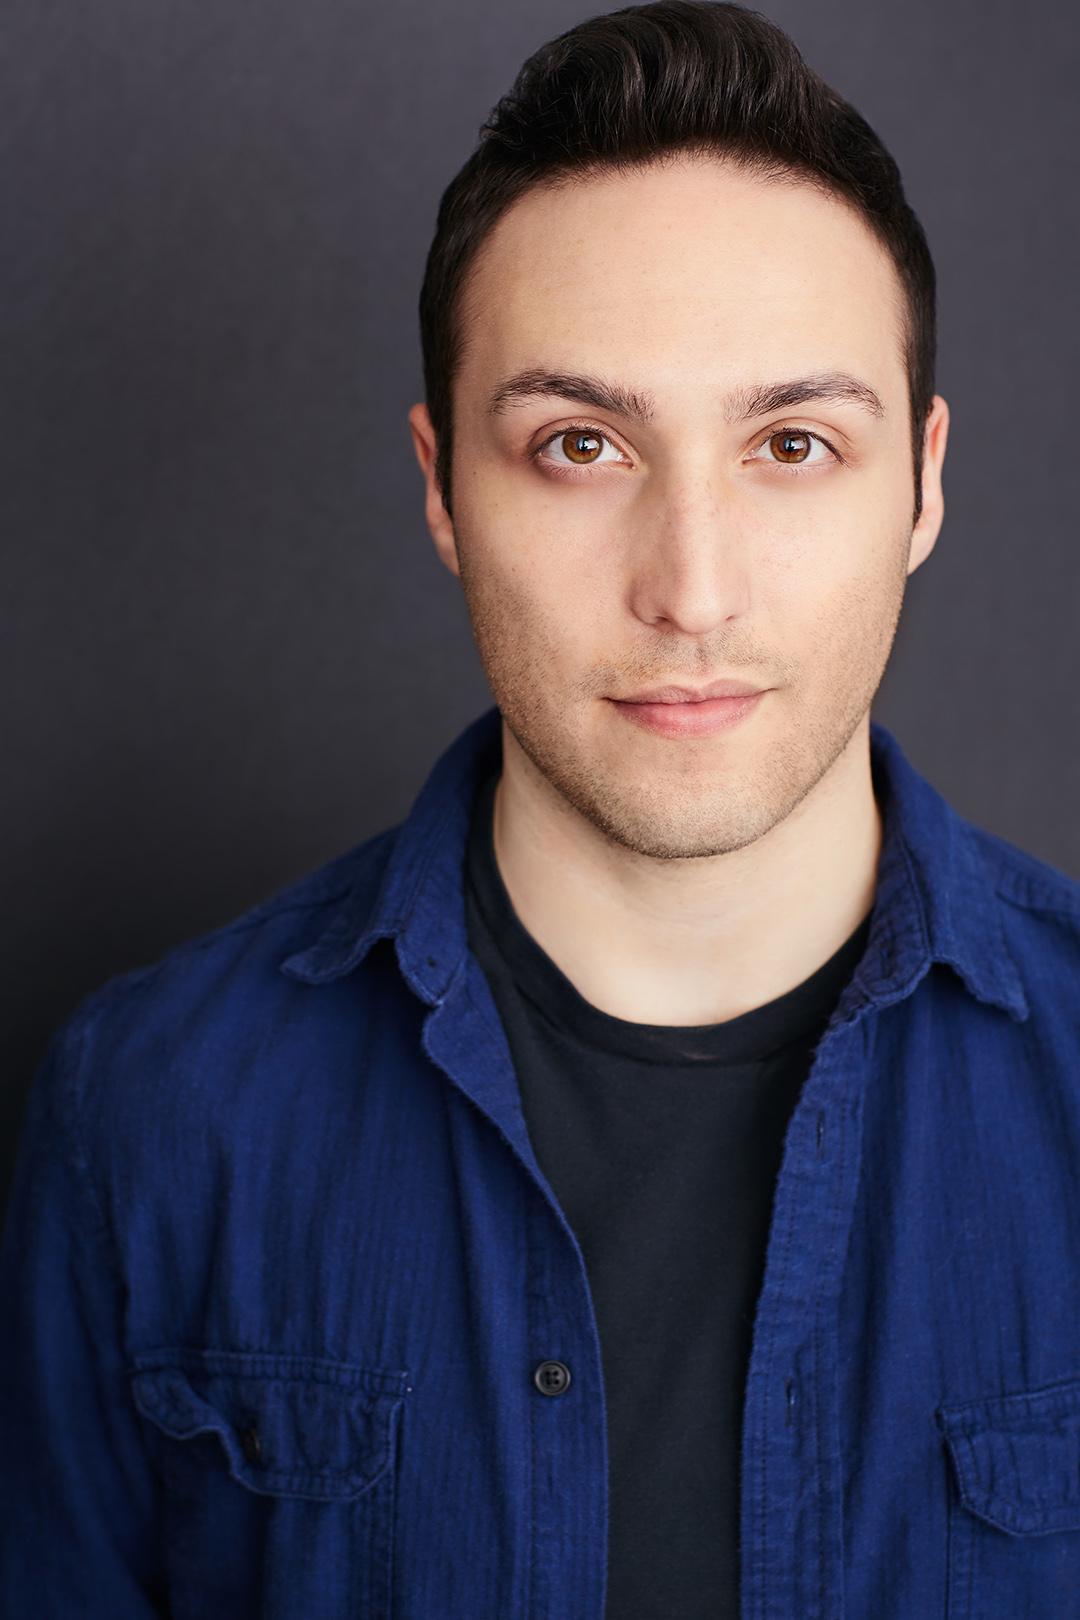 Sammy Ferber - New York-based actor, singer, and writer